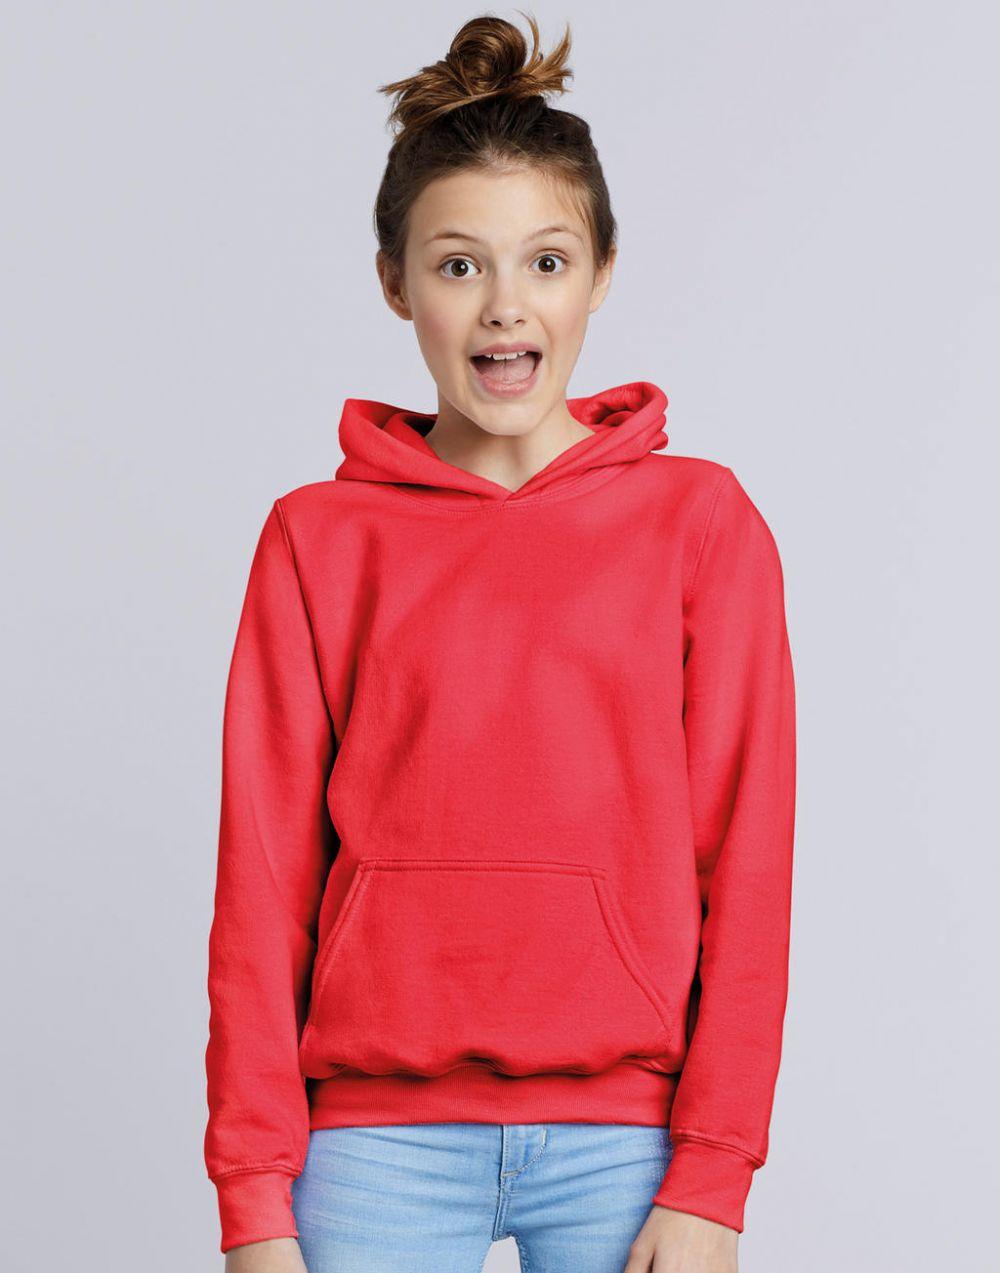 Sudaderas capucha gildan con capucha niño para personalizar imagen 1